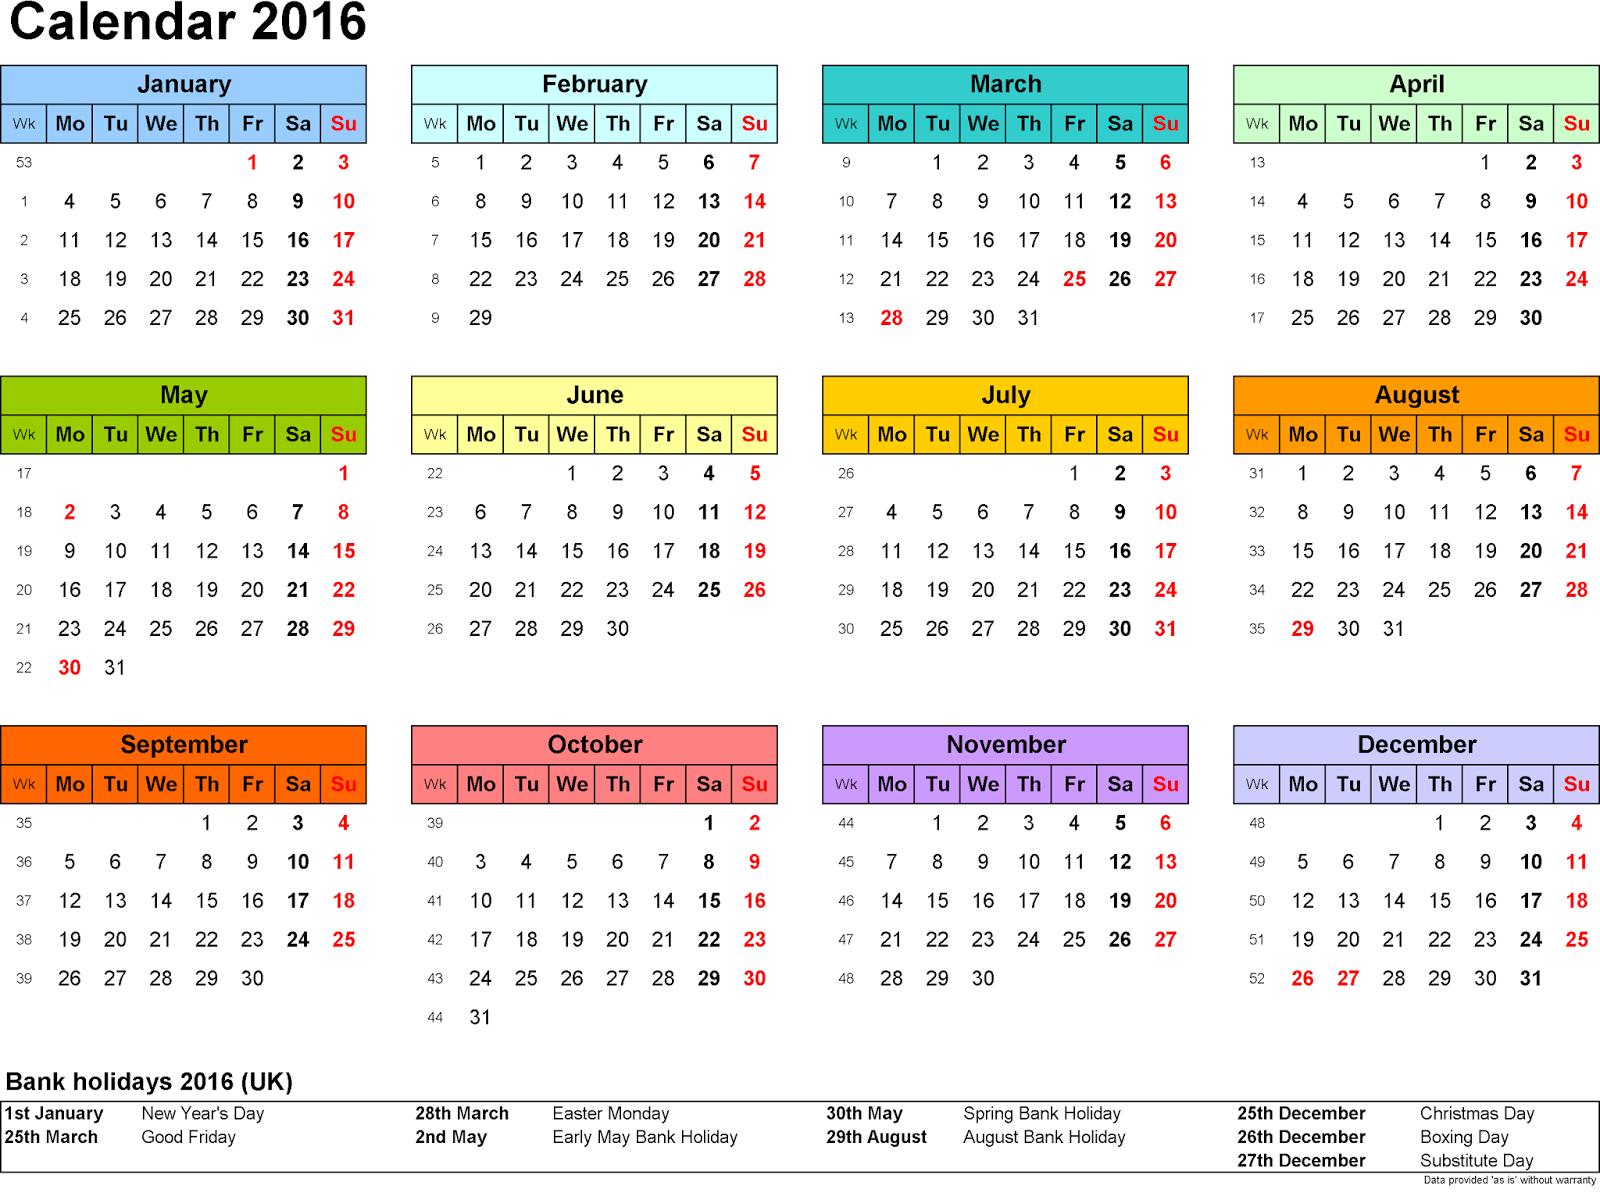 April Calendar Uk Bank Holidays : Calendar with federal bank holidays